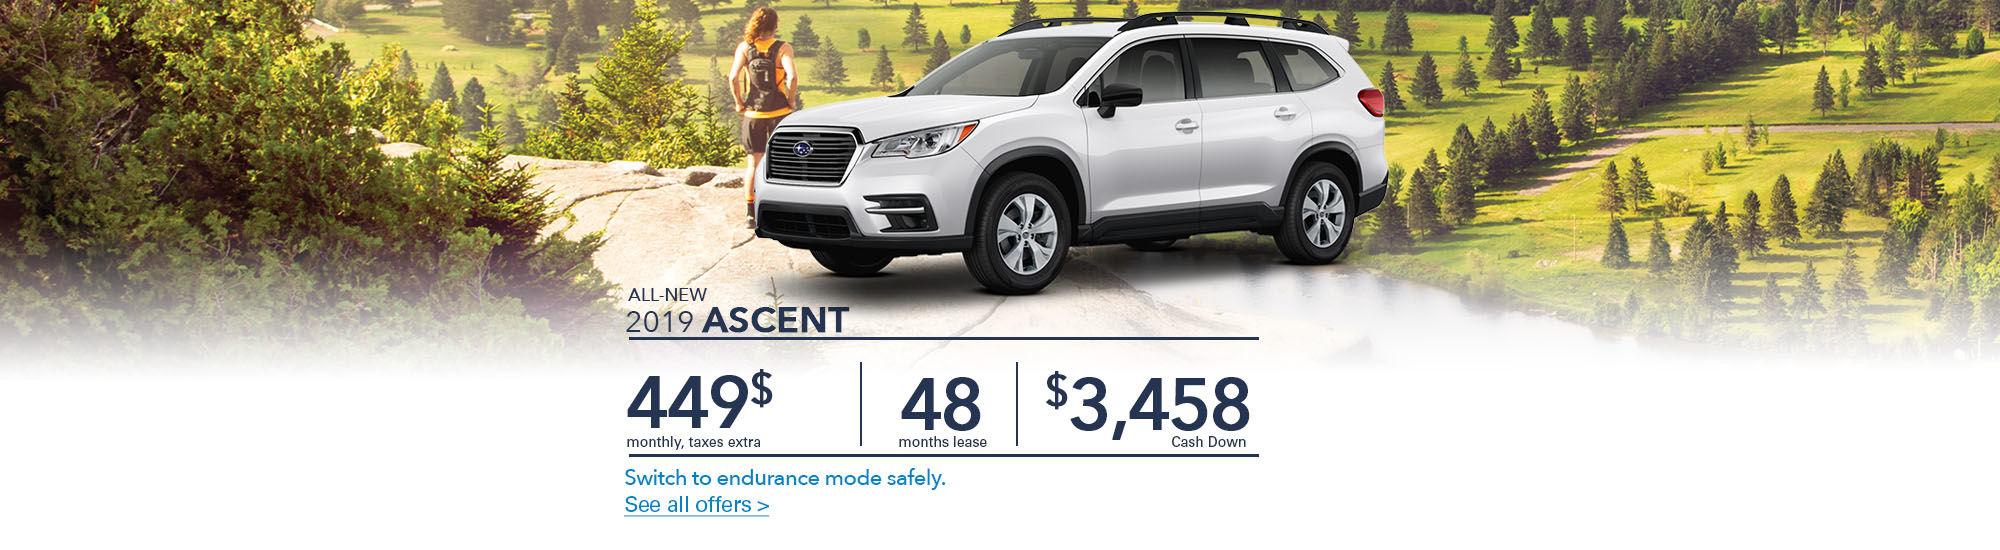 All-new 2019 Ascent   Subaru